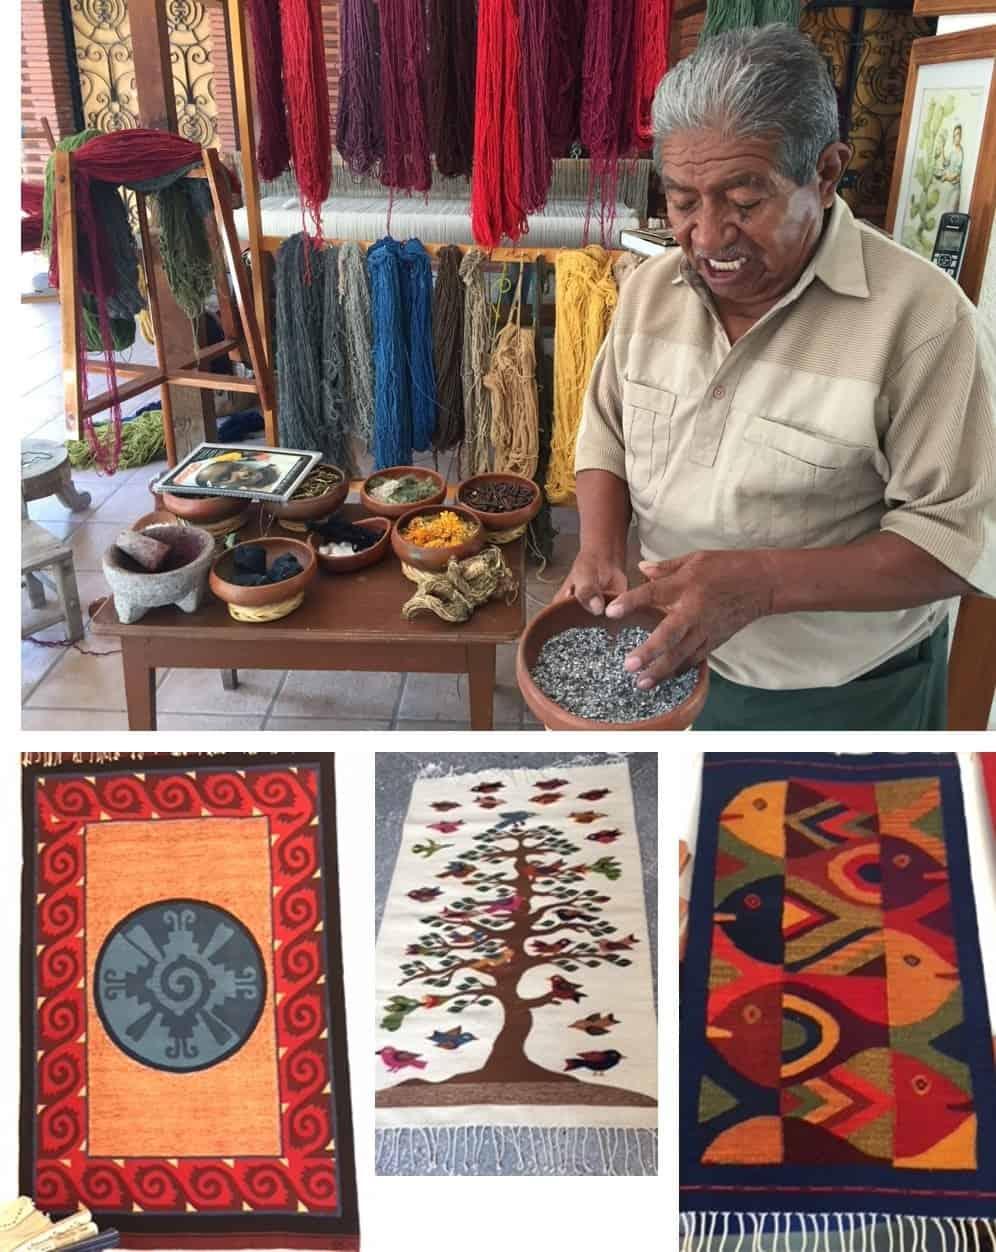 Weaver and woven rugs in Teotitlan - Wonders of Oxaca